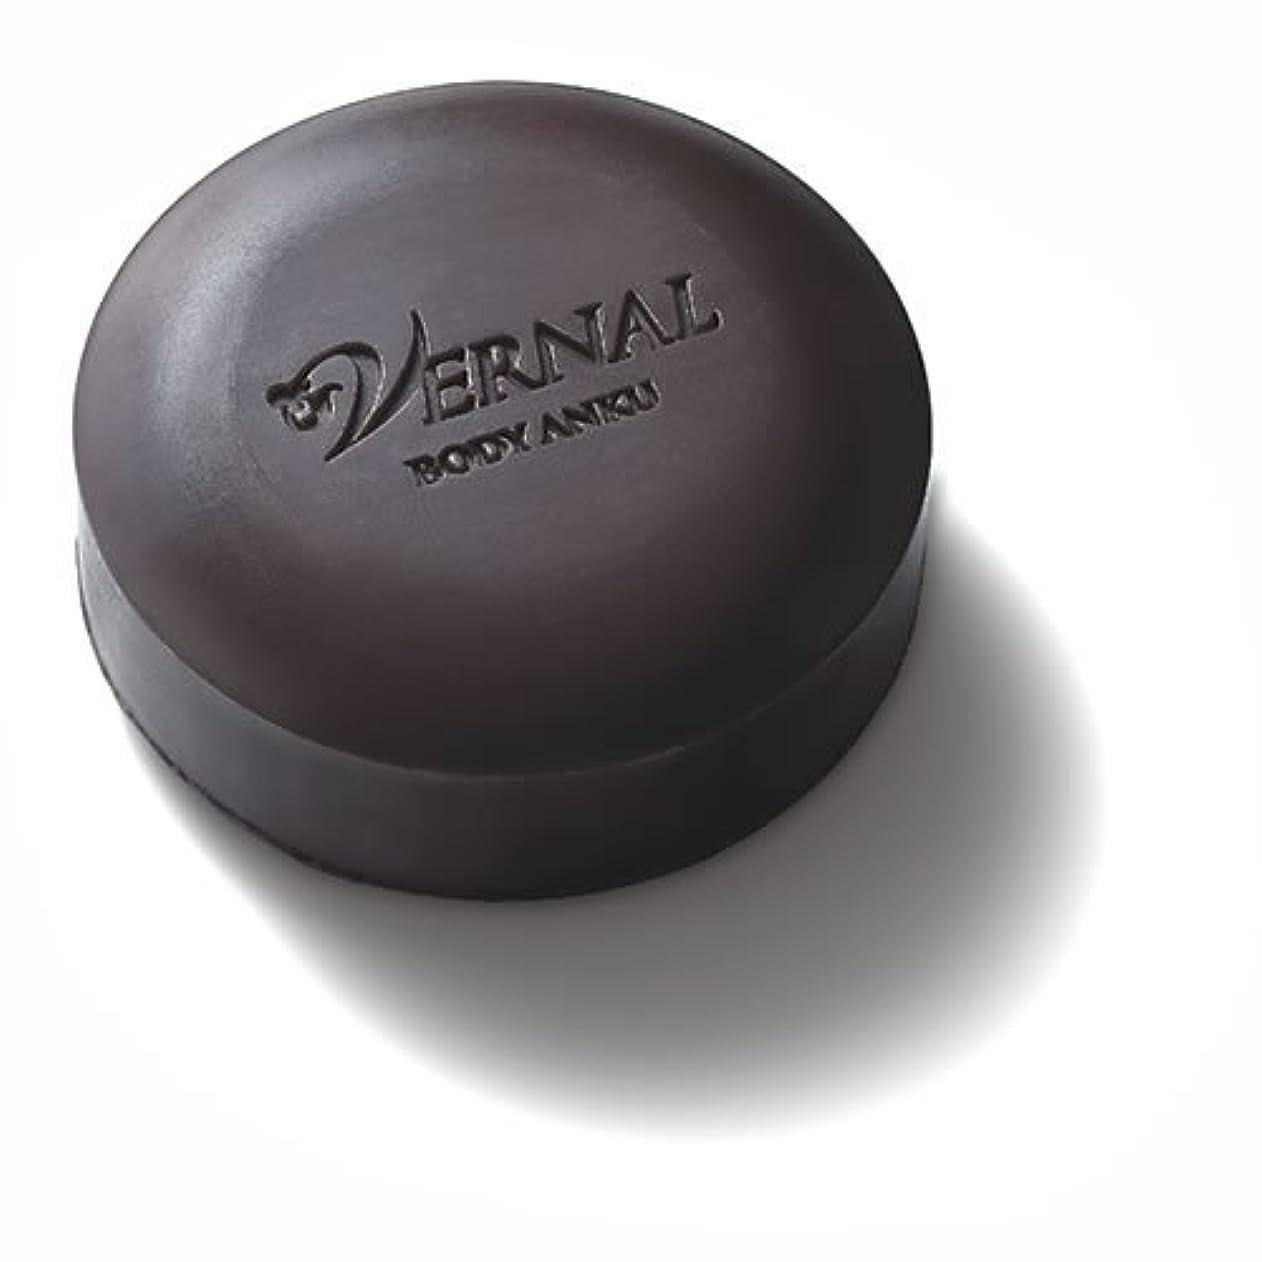 土器コインランドリーホットボディアンク/ヴァーナル ボディ用 石鹸 デオドラント